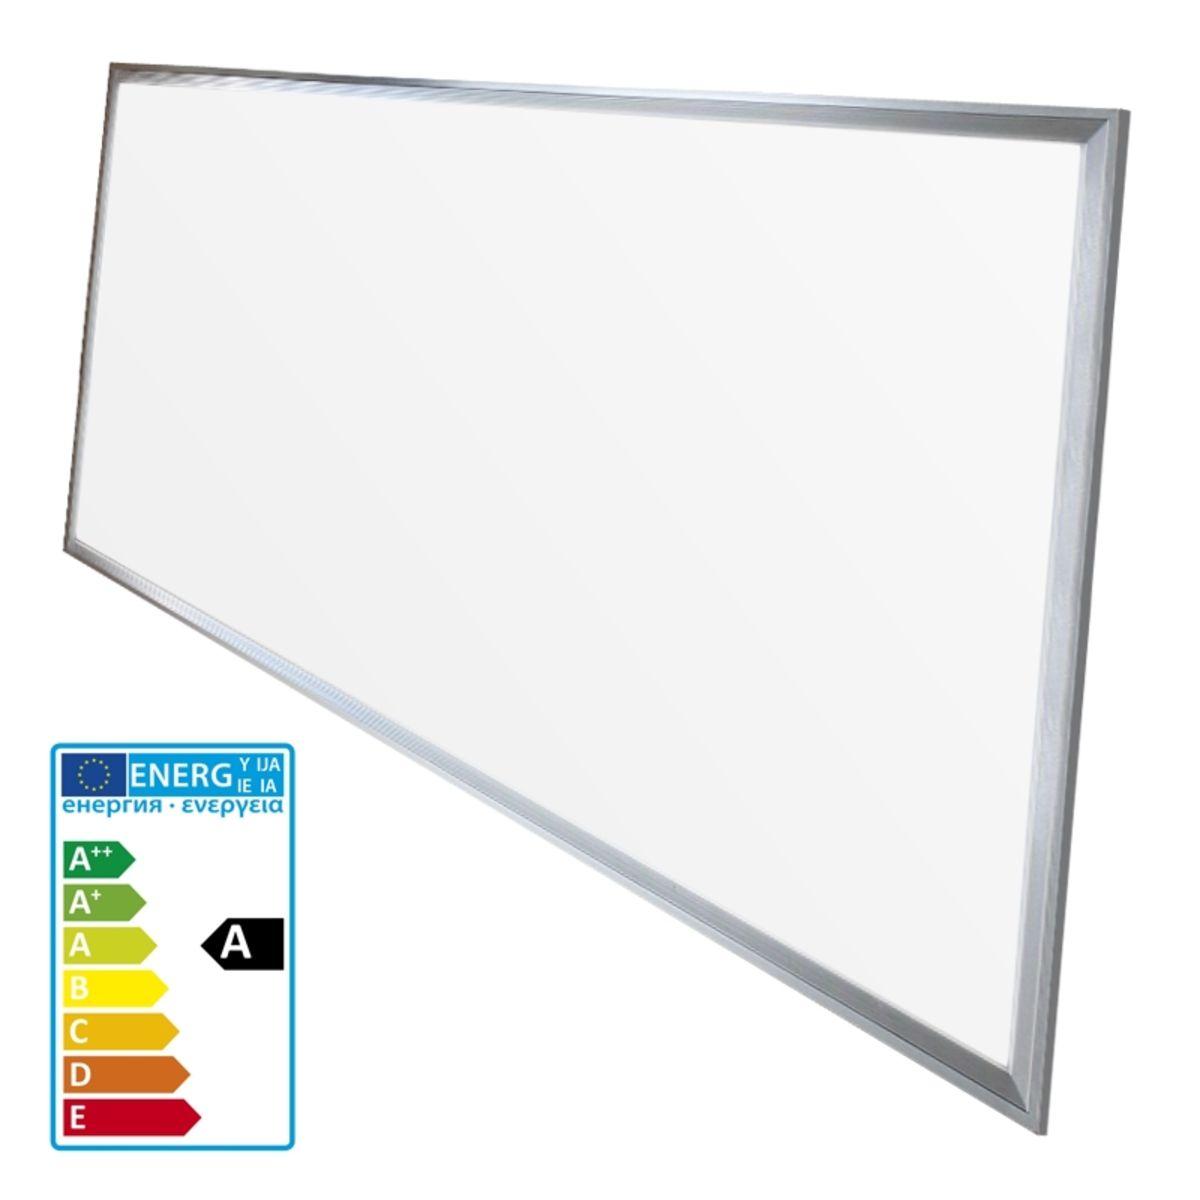 Led panel pendelleuchte lampe deckenleuchte einbaustrahler for Led deckenleuchte strahler